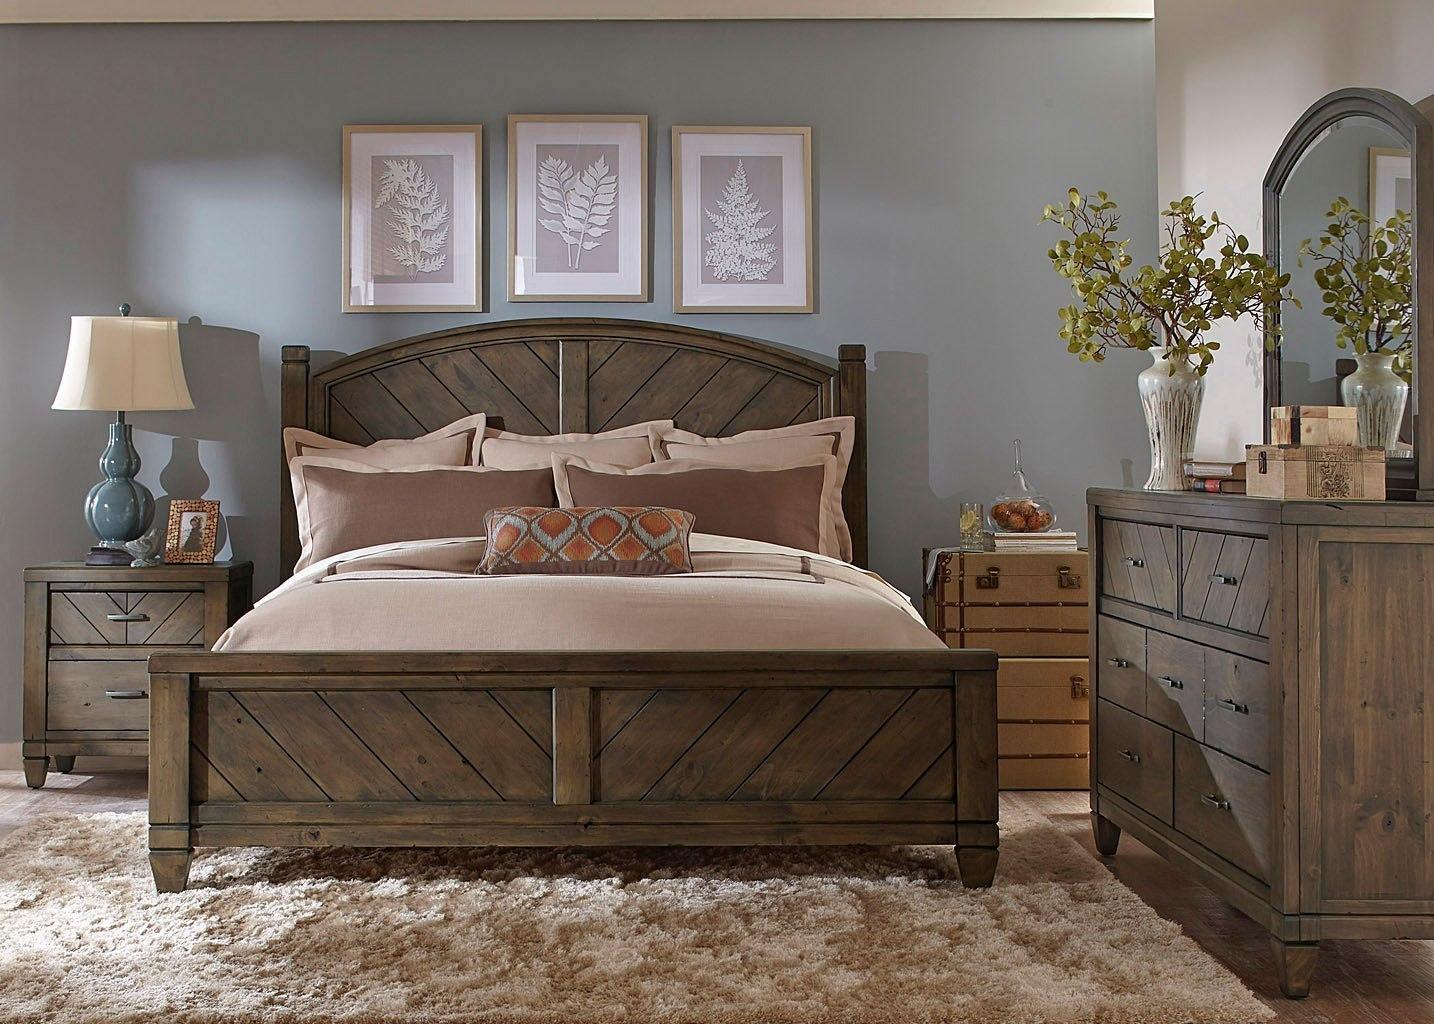 modern country poster bedroom set bedroom furniture bedroom rh furniturepick com